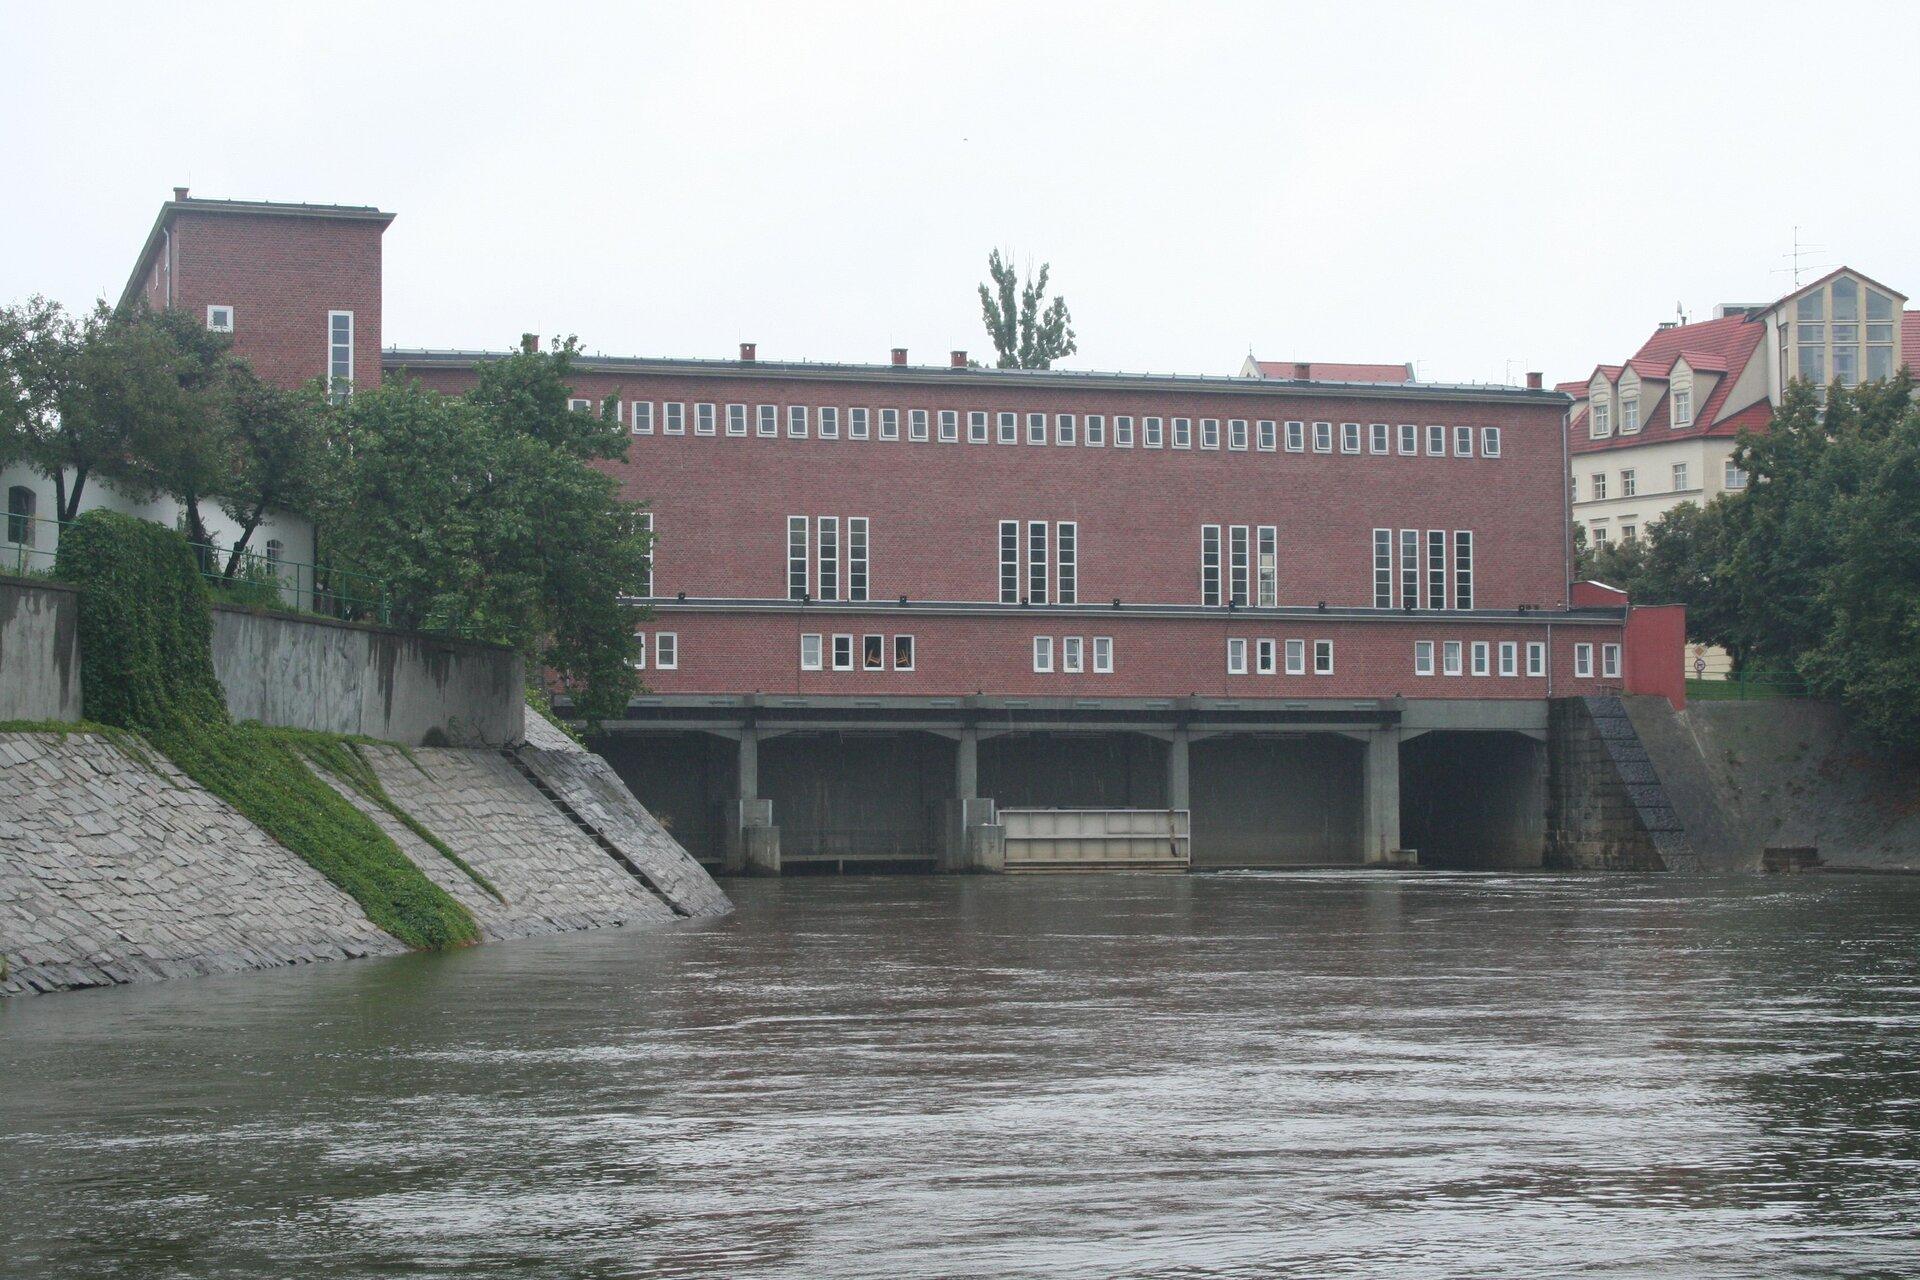 Na zdjęciu rzeka we wzmocnionym murowanym korycie. Nad nią przepływowa elektrownia wodna, ceglany budynek.